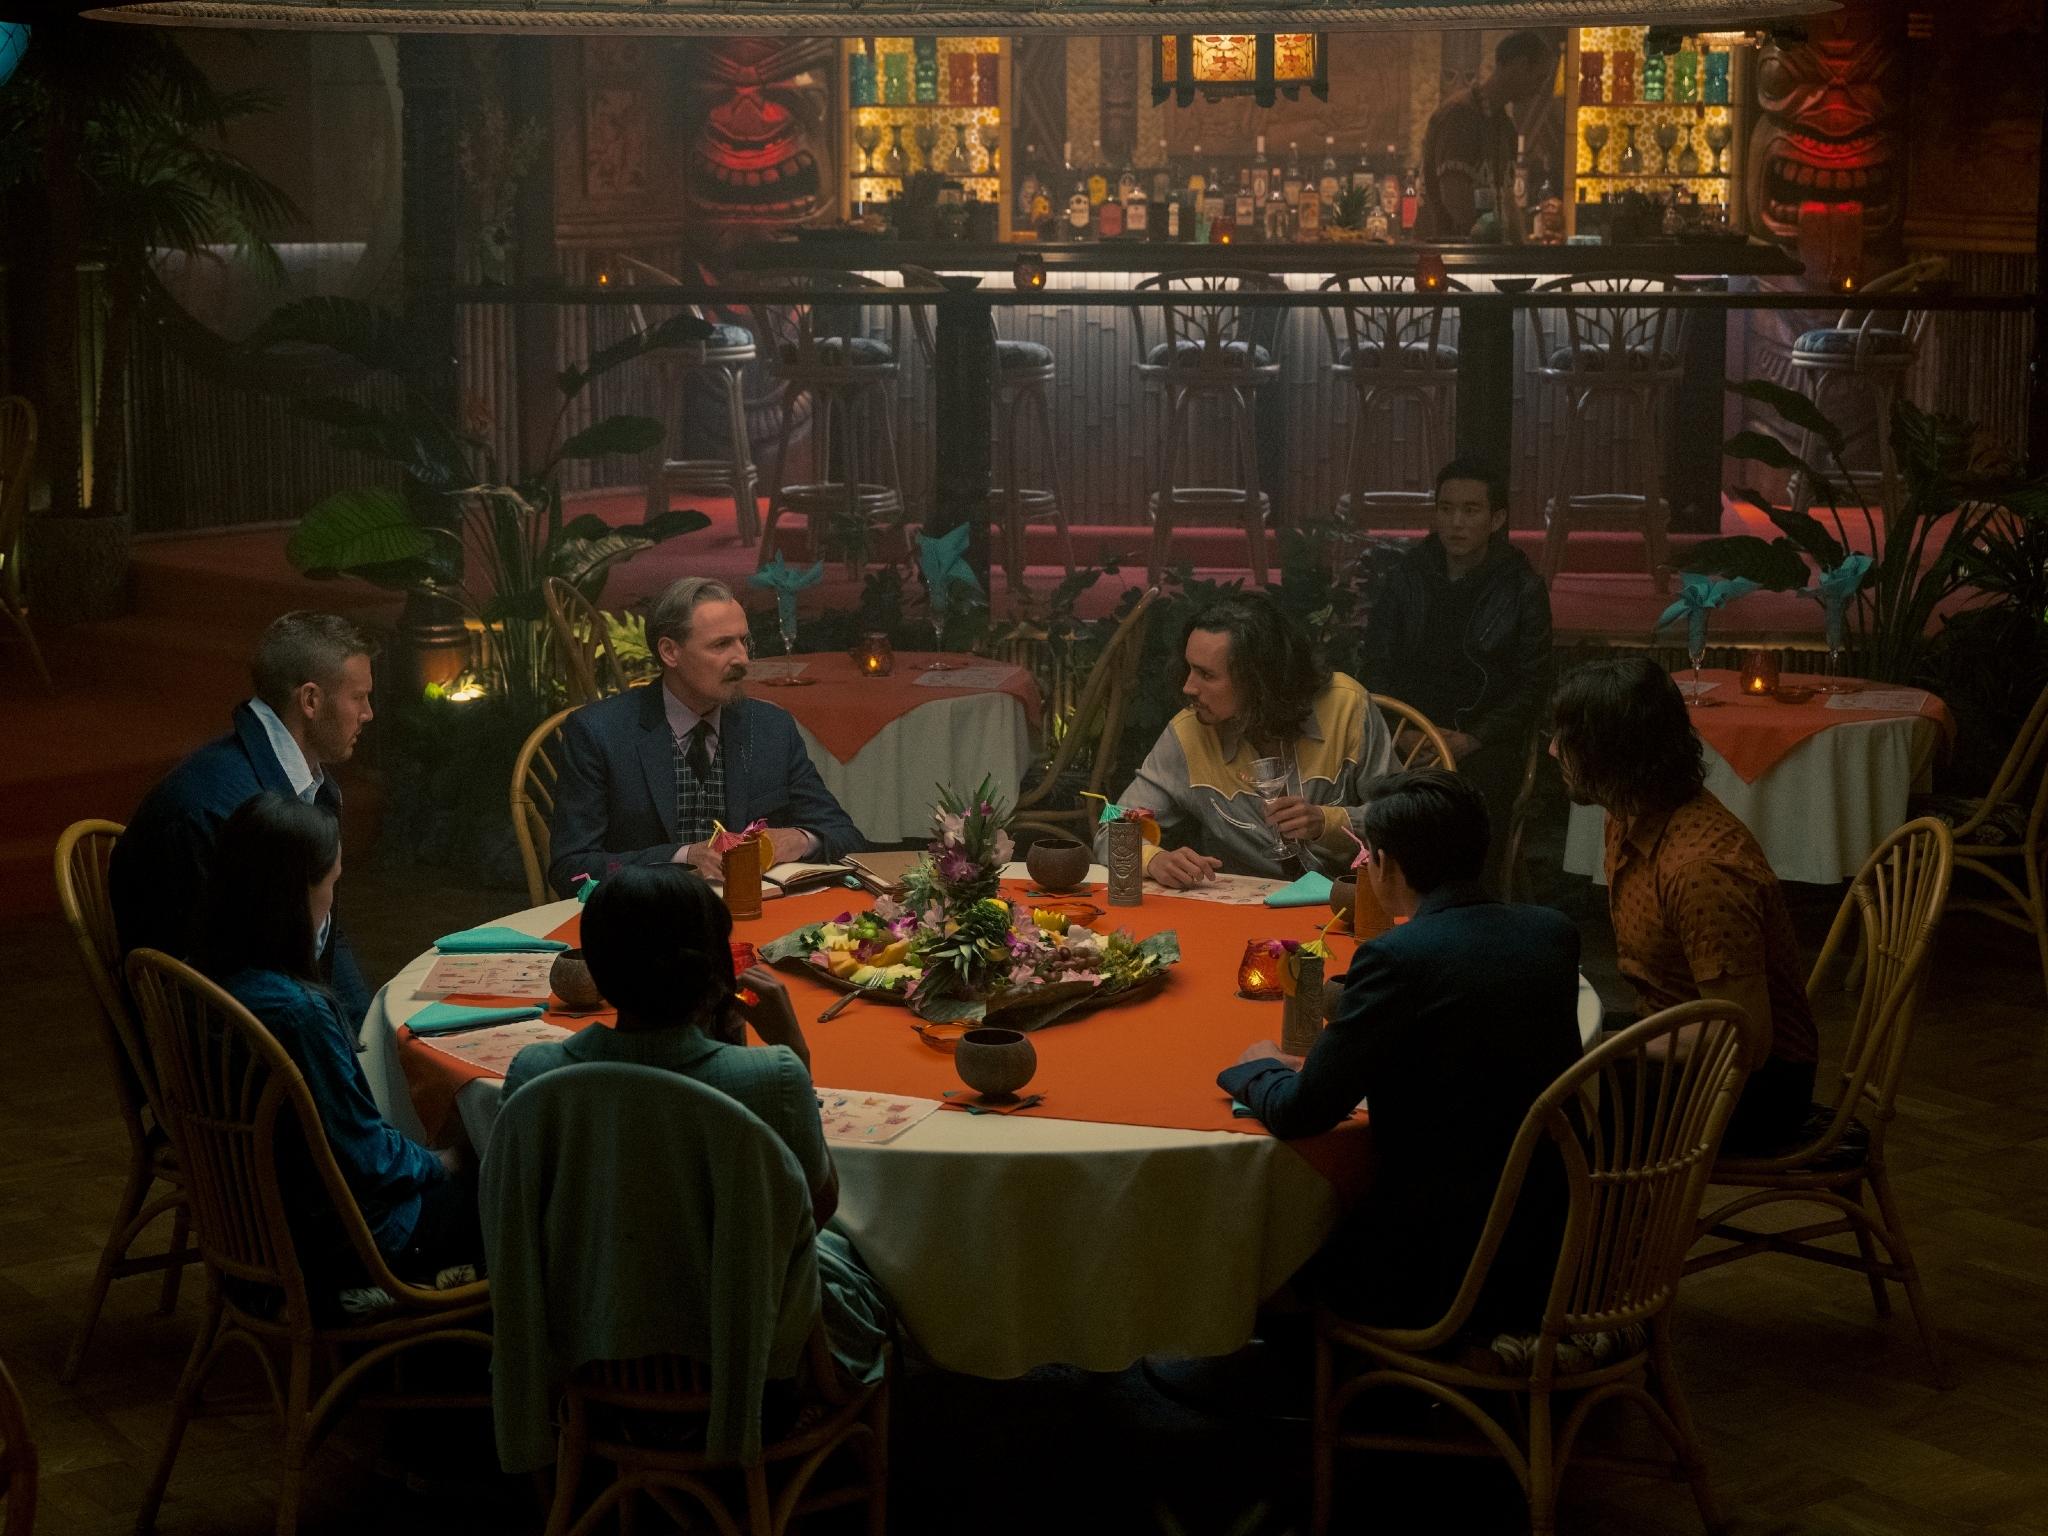 Capítulo 6: A Light Supper